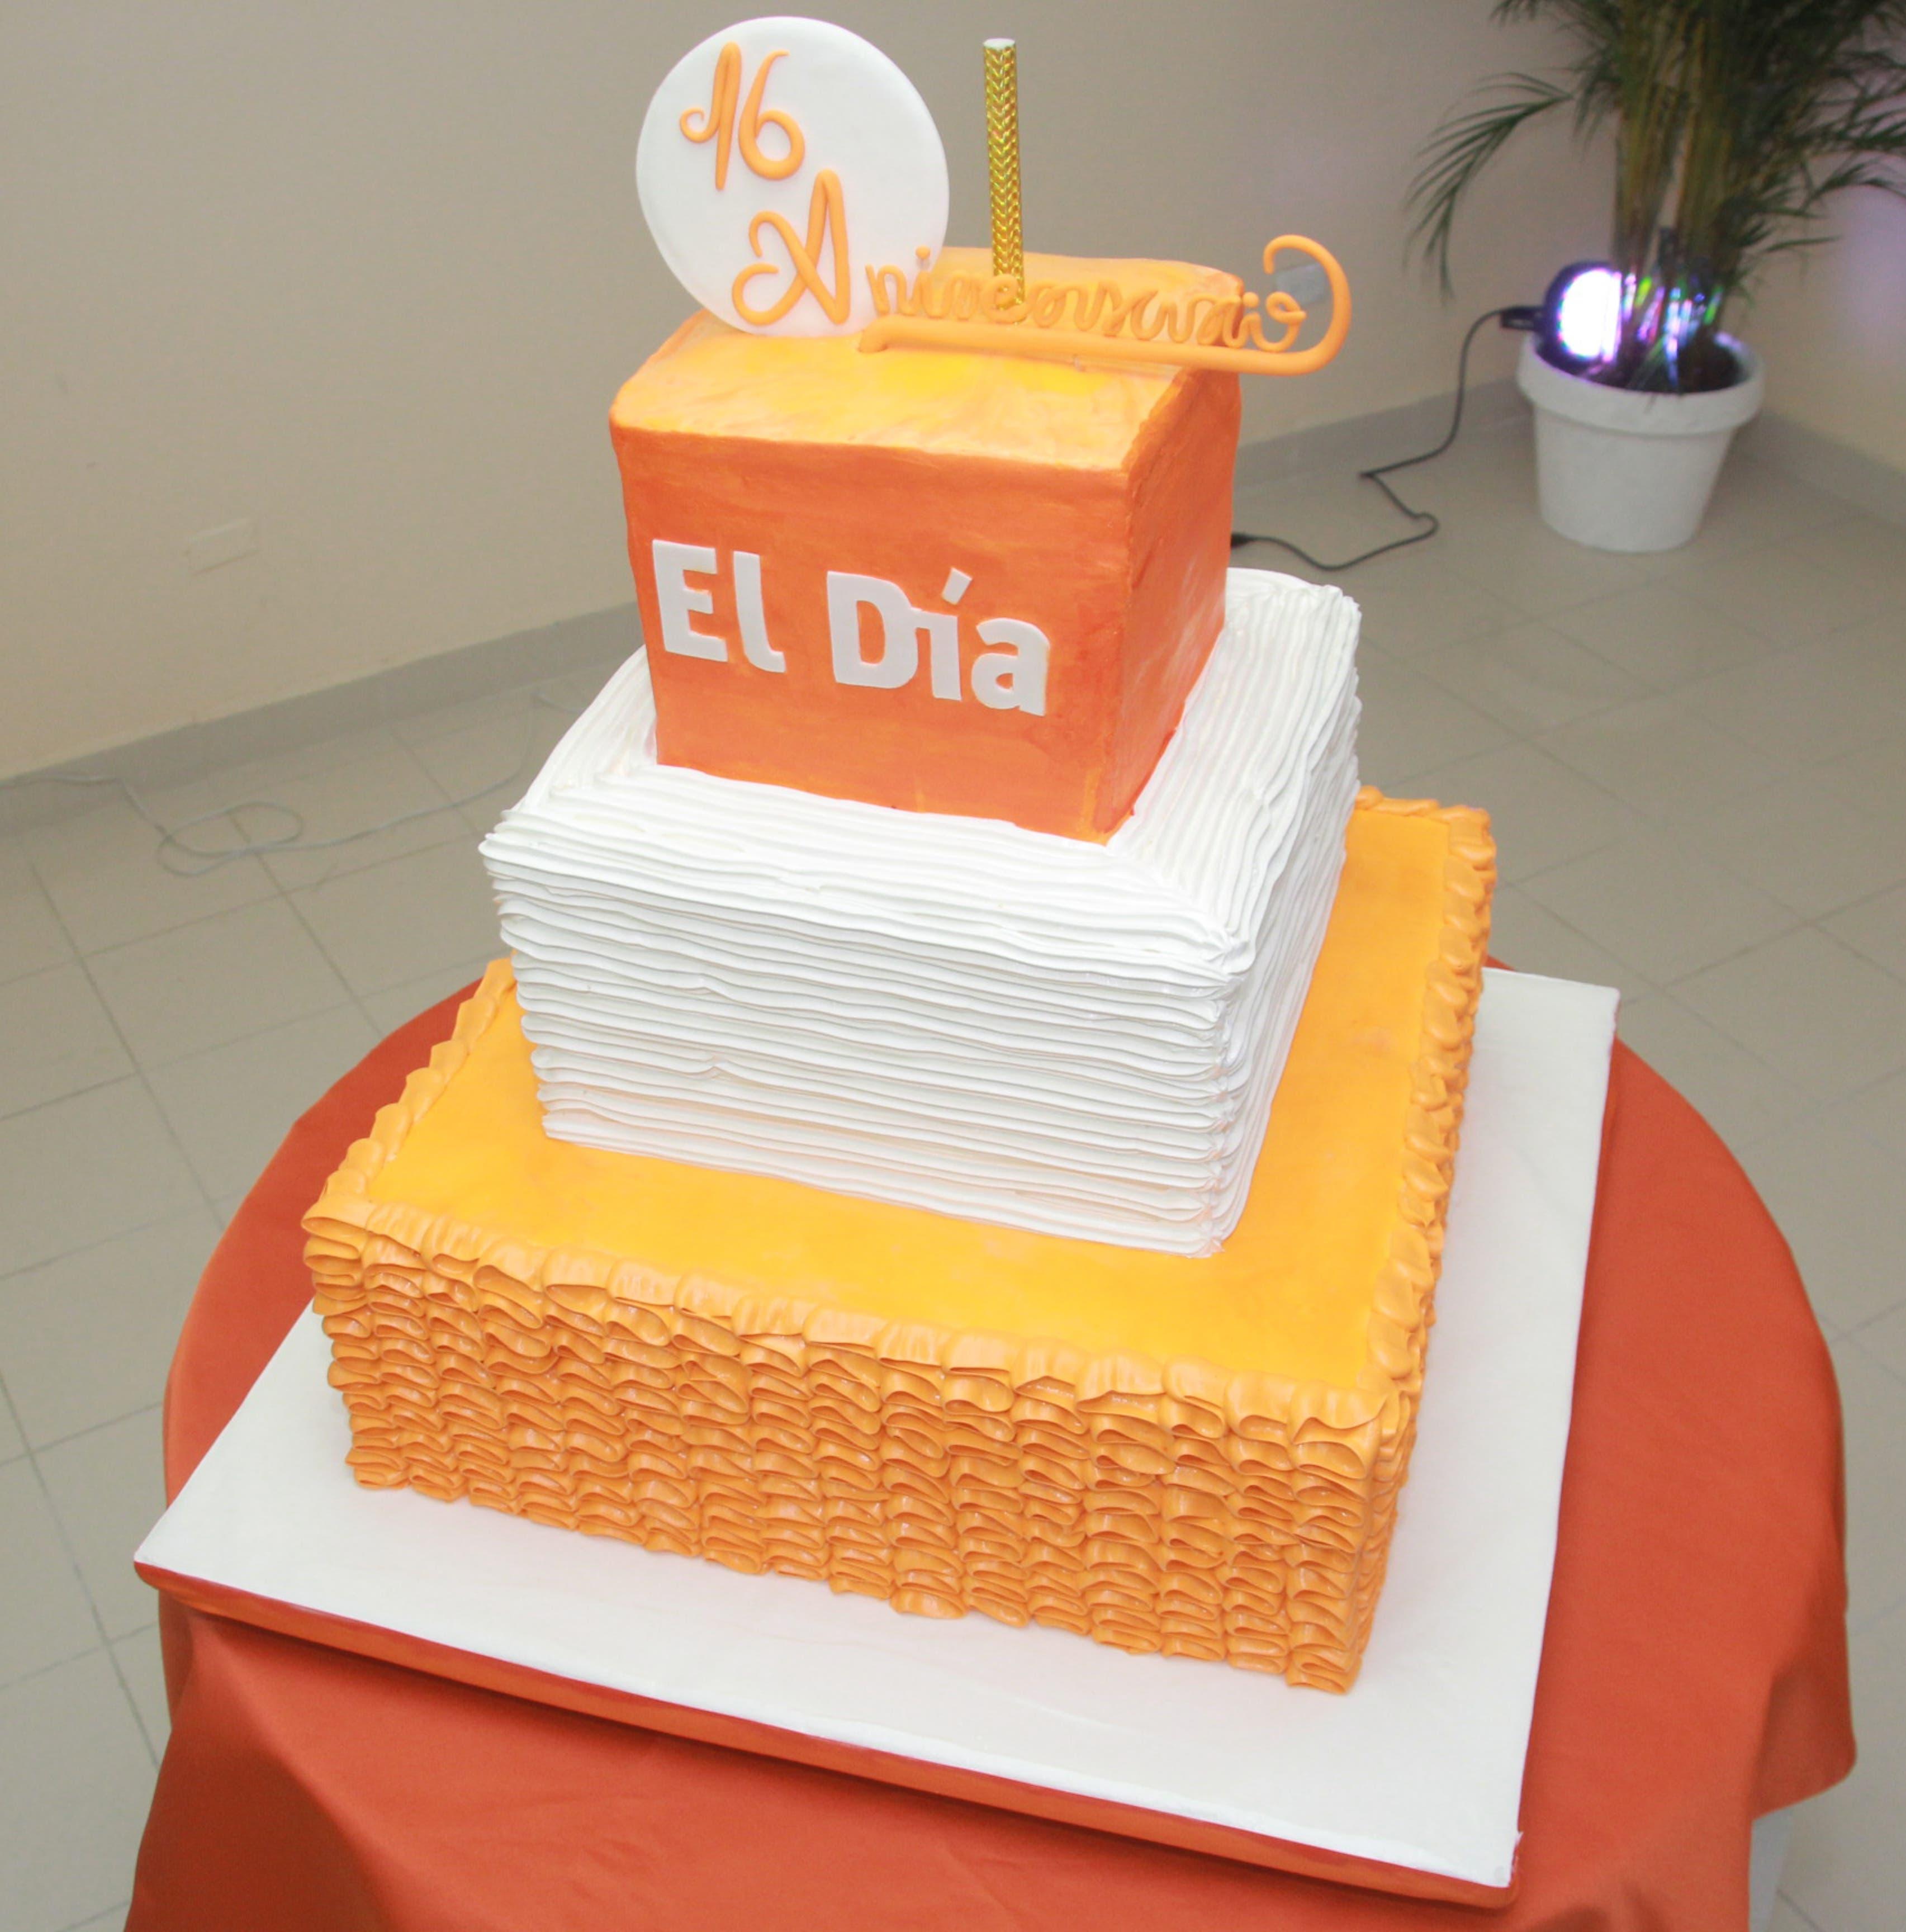 EL DÍA recibe felicitaciones por su 16 aniversario; elogian su nuevo diseño